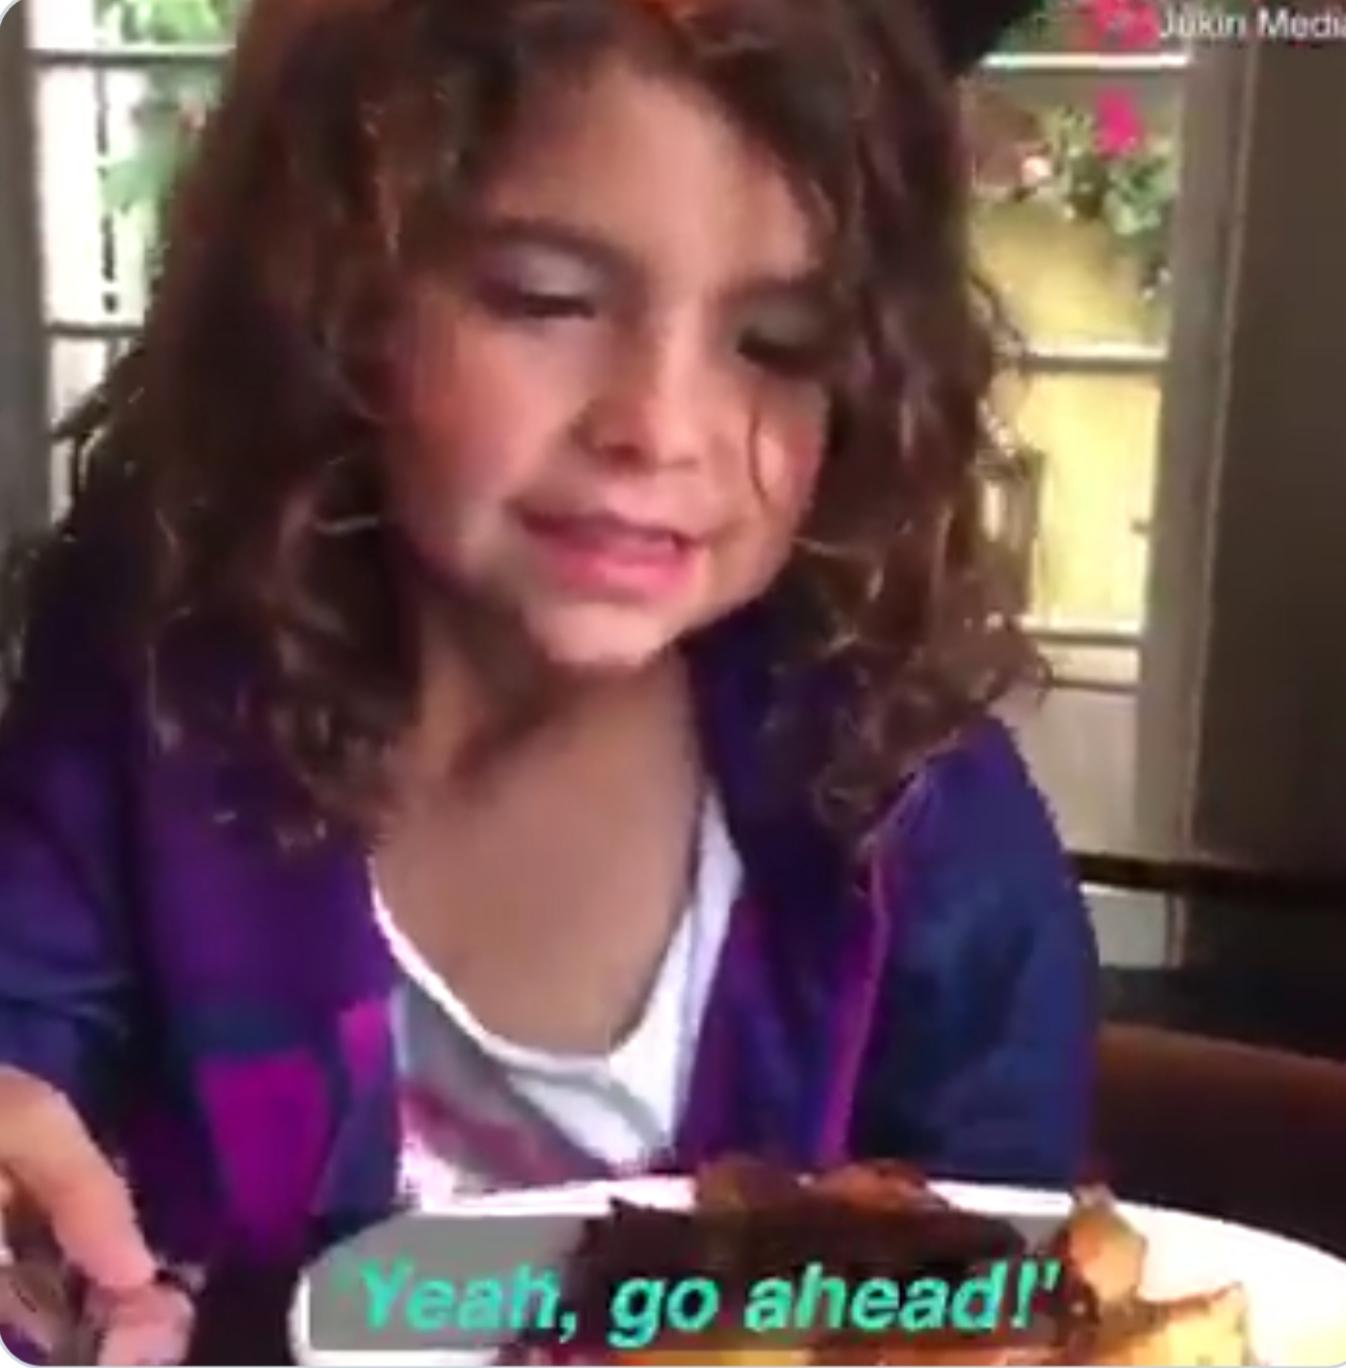 little-girl-sees-homeless-man-while-she-is-eating-breakfast